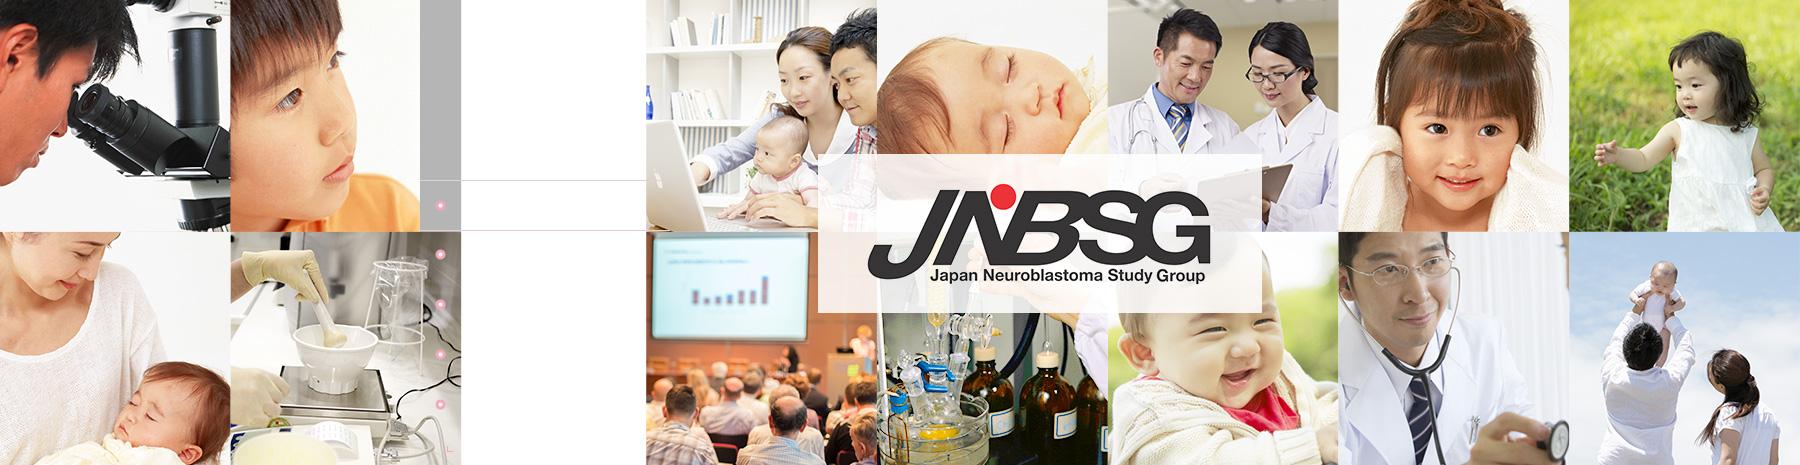 日本神経芽腫研究グループ(JNBSG)